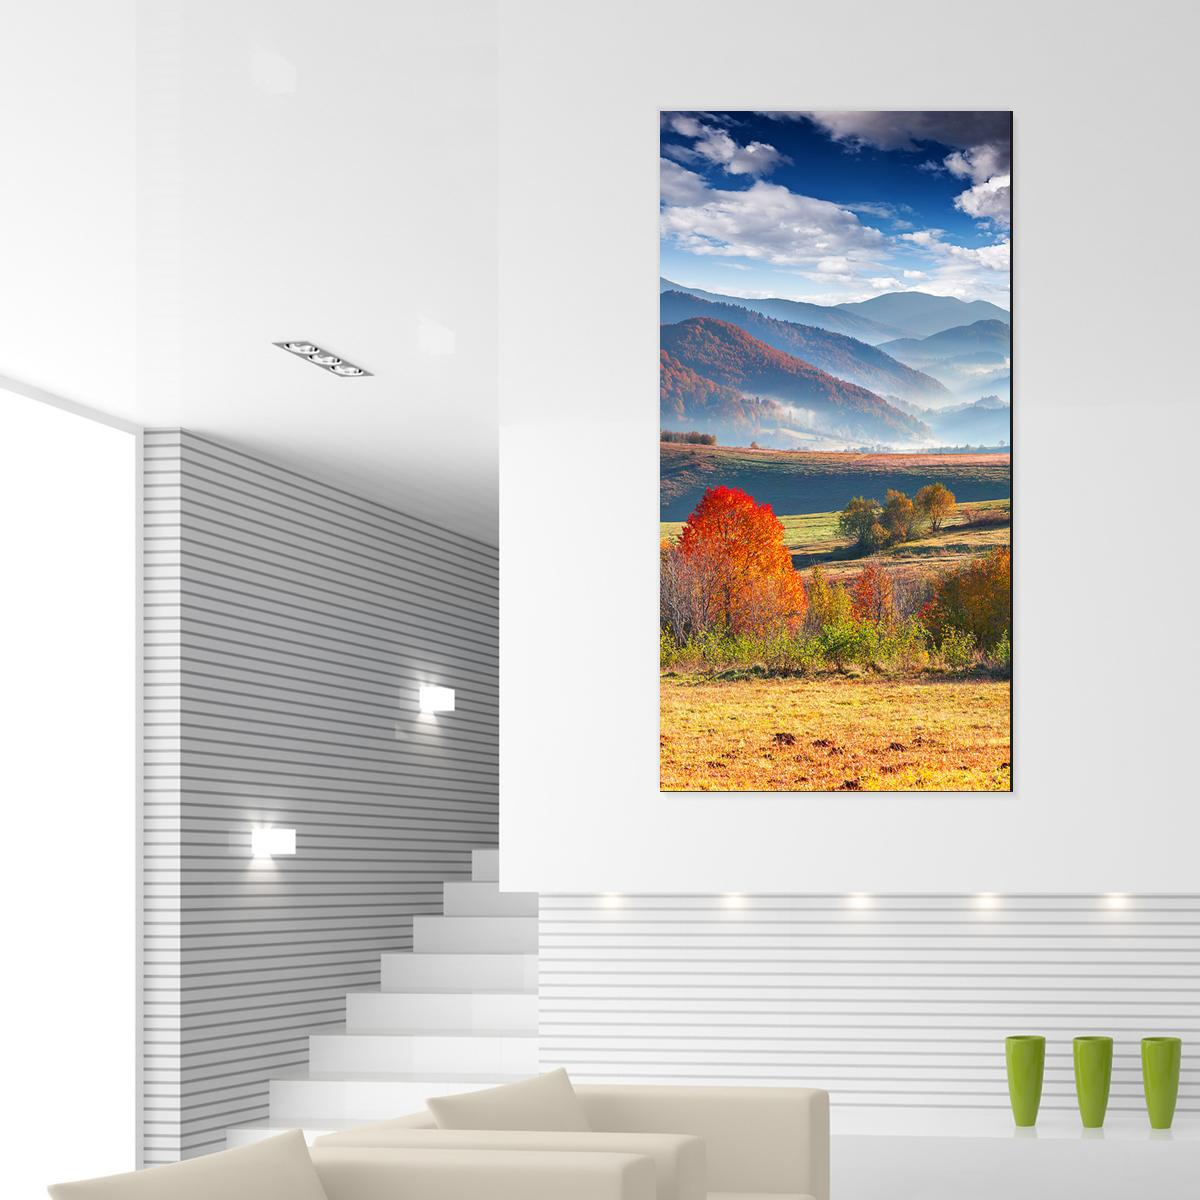 papier peint magn tique sticker papier peint magn tique automne dans les montagnes ambiance. Black Bedroom Furniture Sets. Home Design Ideas